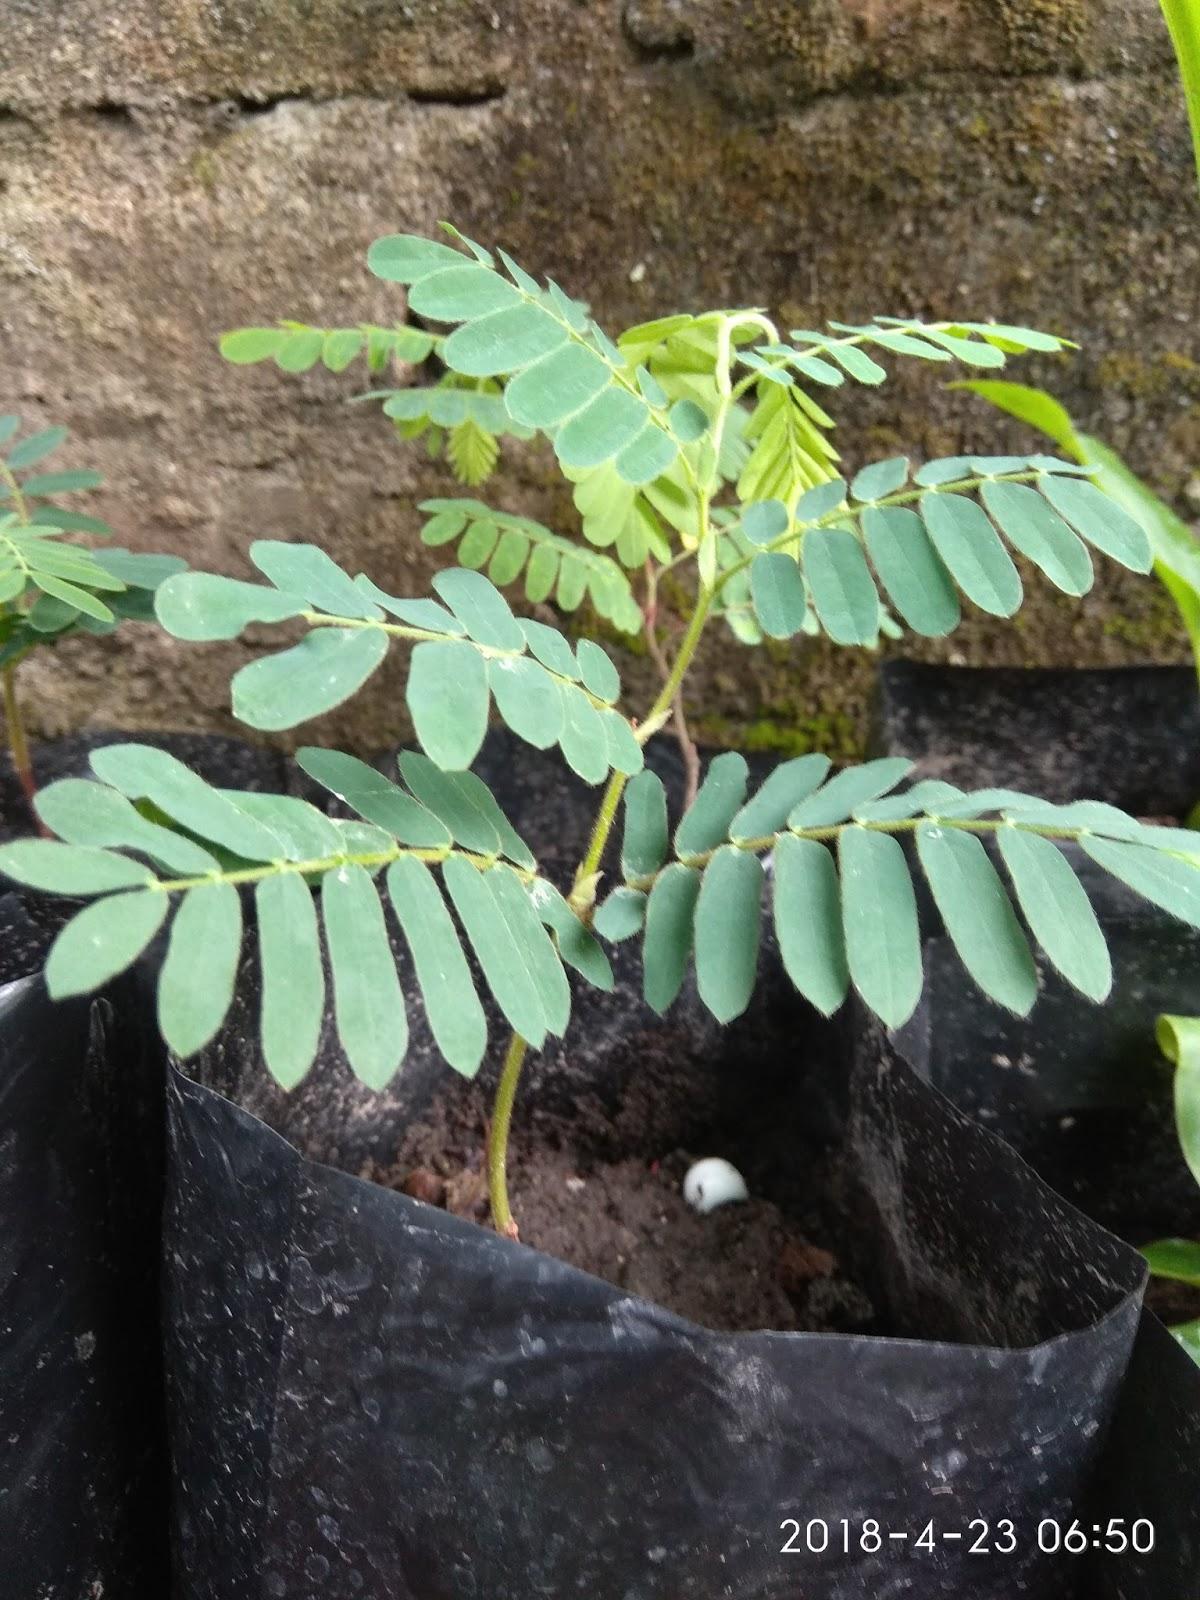 Bibit pohon asam jawa